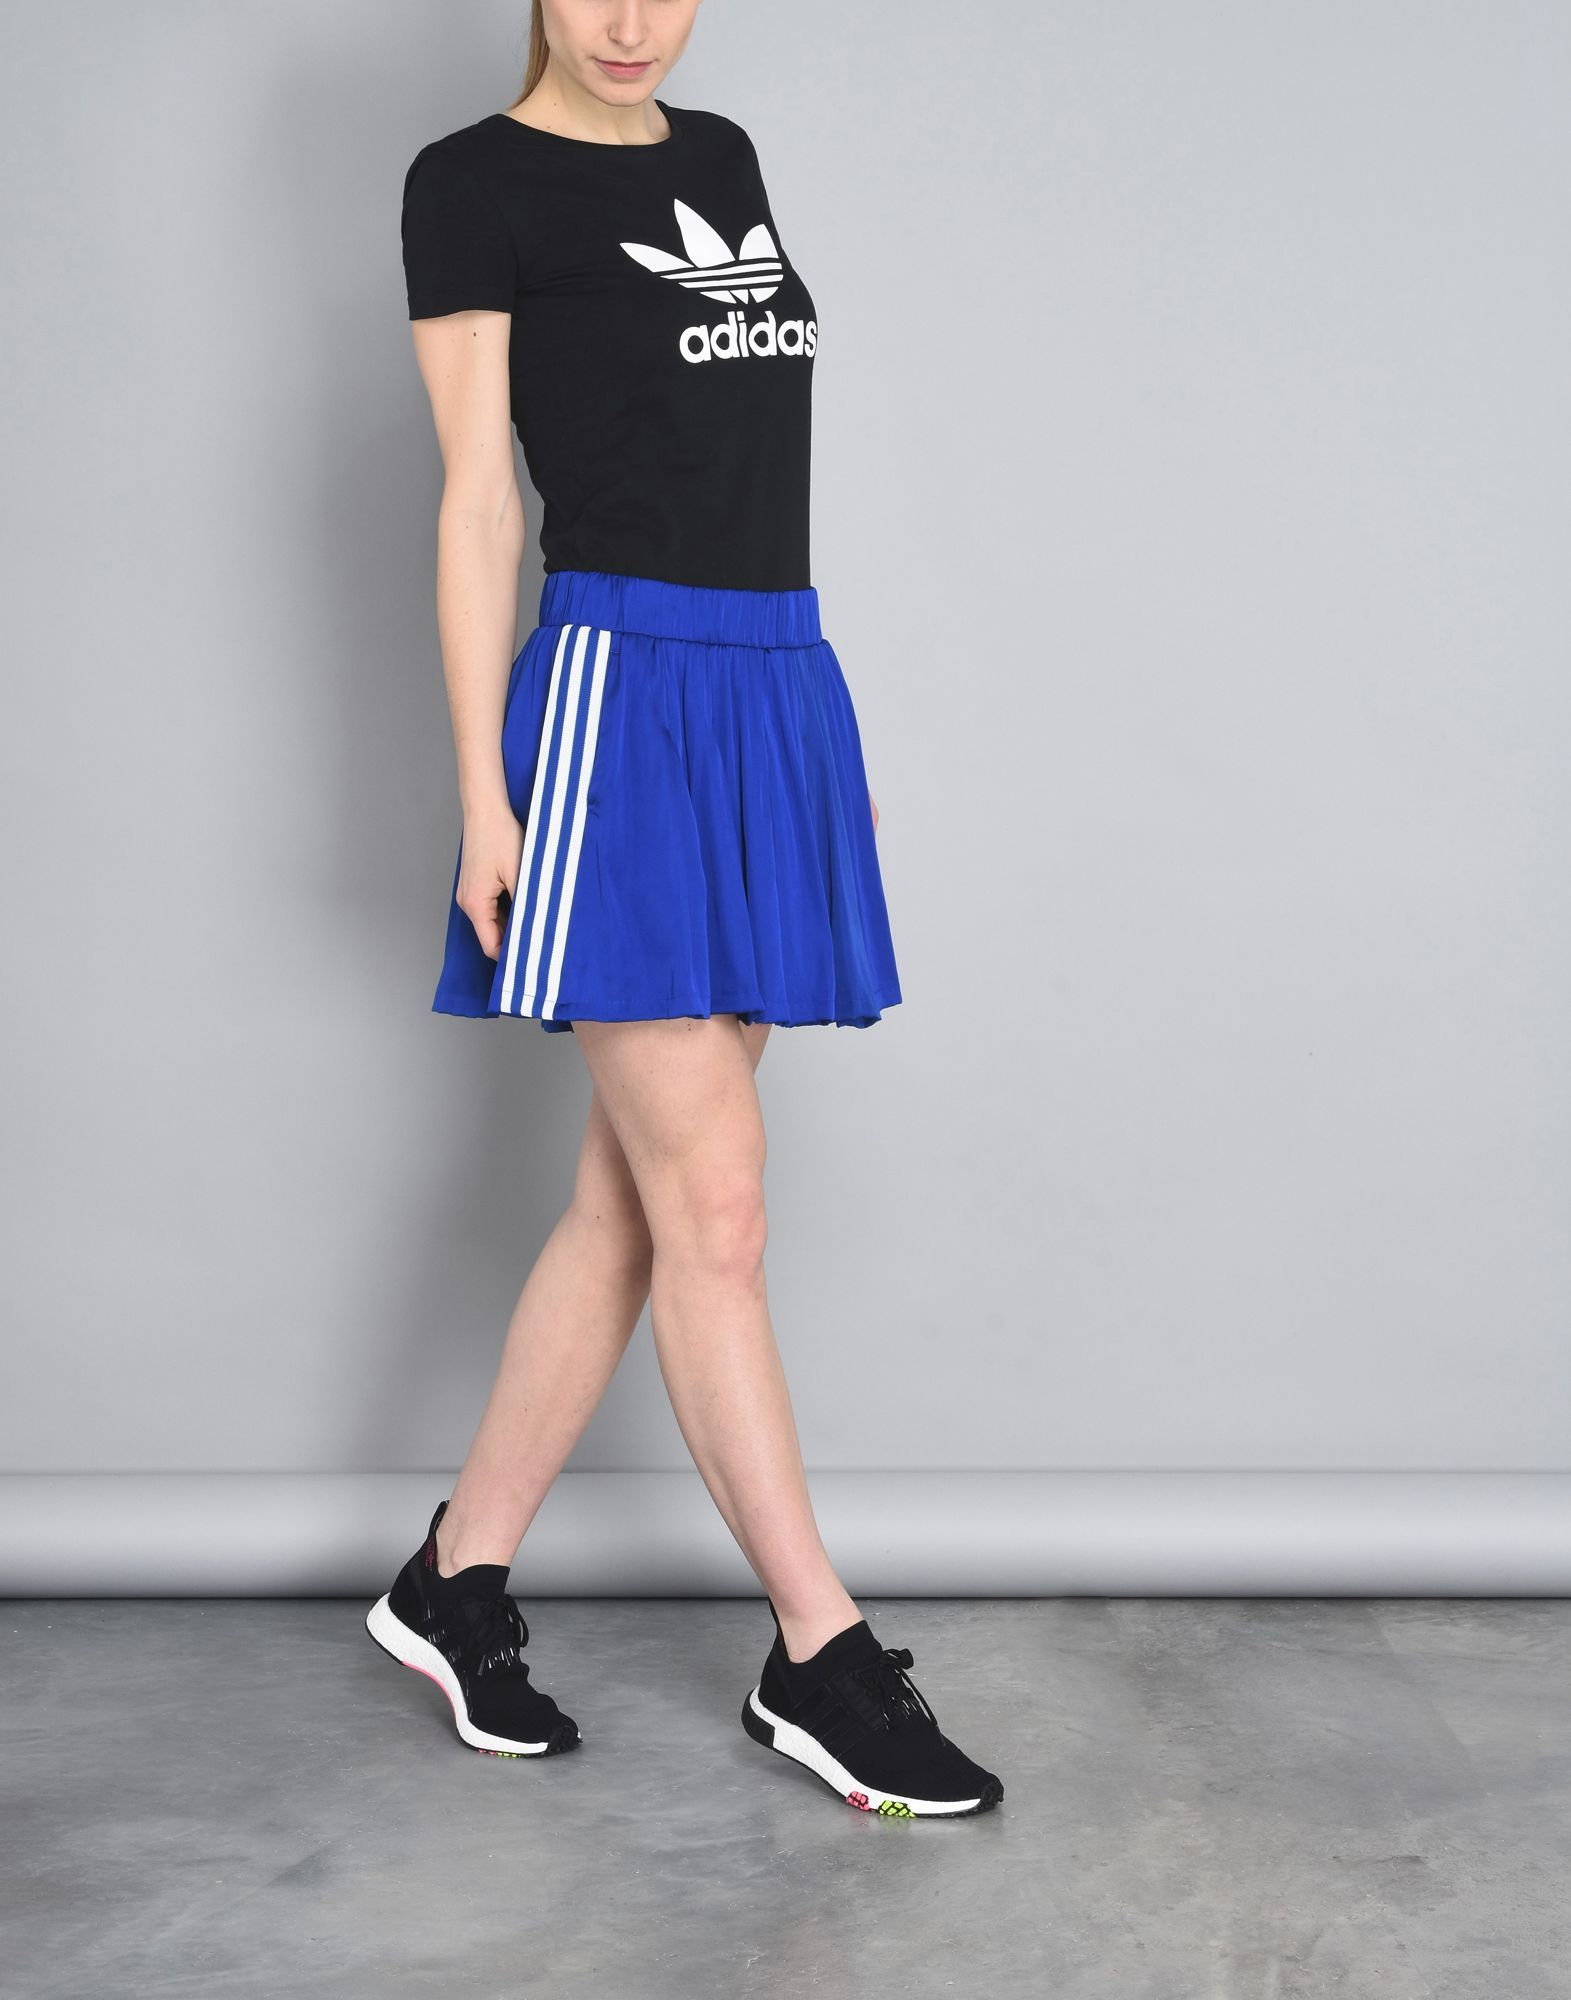 728d52e26c Adidas Originals Fsh L Skirt - ミニスカート / レディース | YOOX - 35372351QT